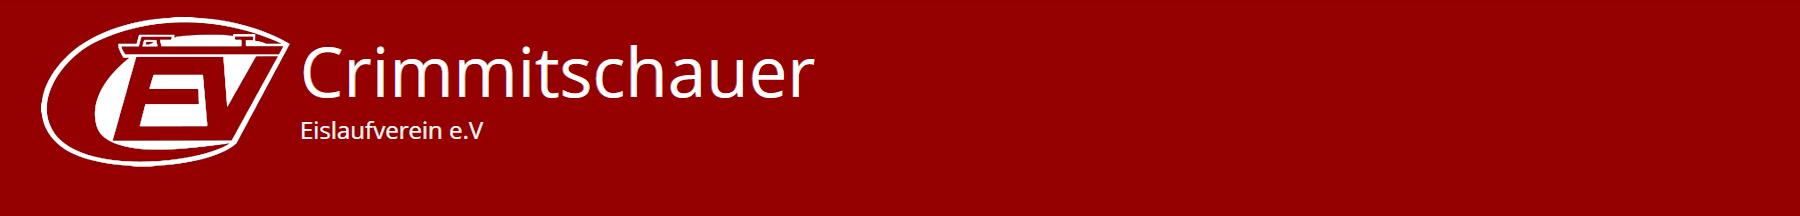 CEV Crimmitschauer Eislaufverein e.V